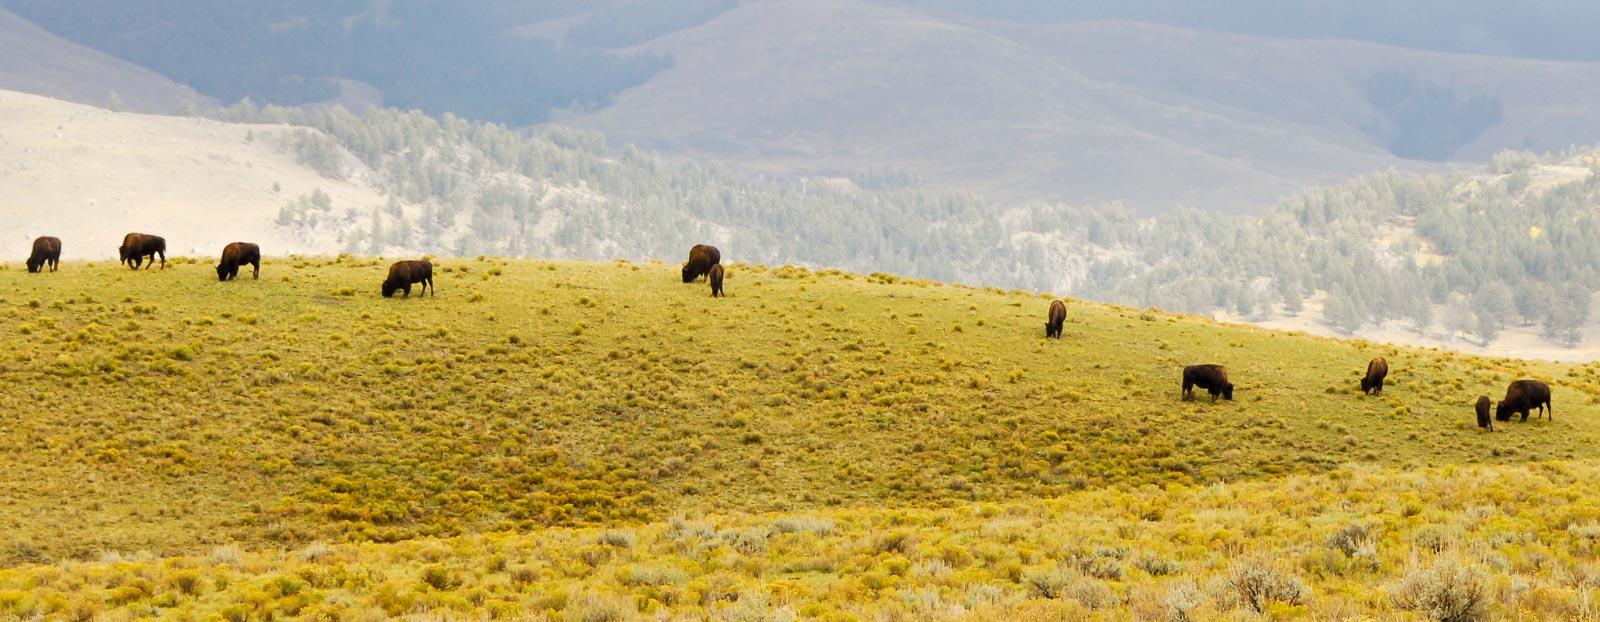 野牛草的自然栖息地